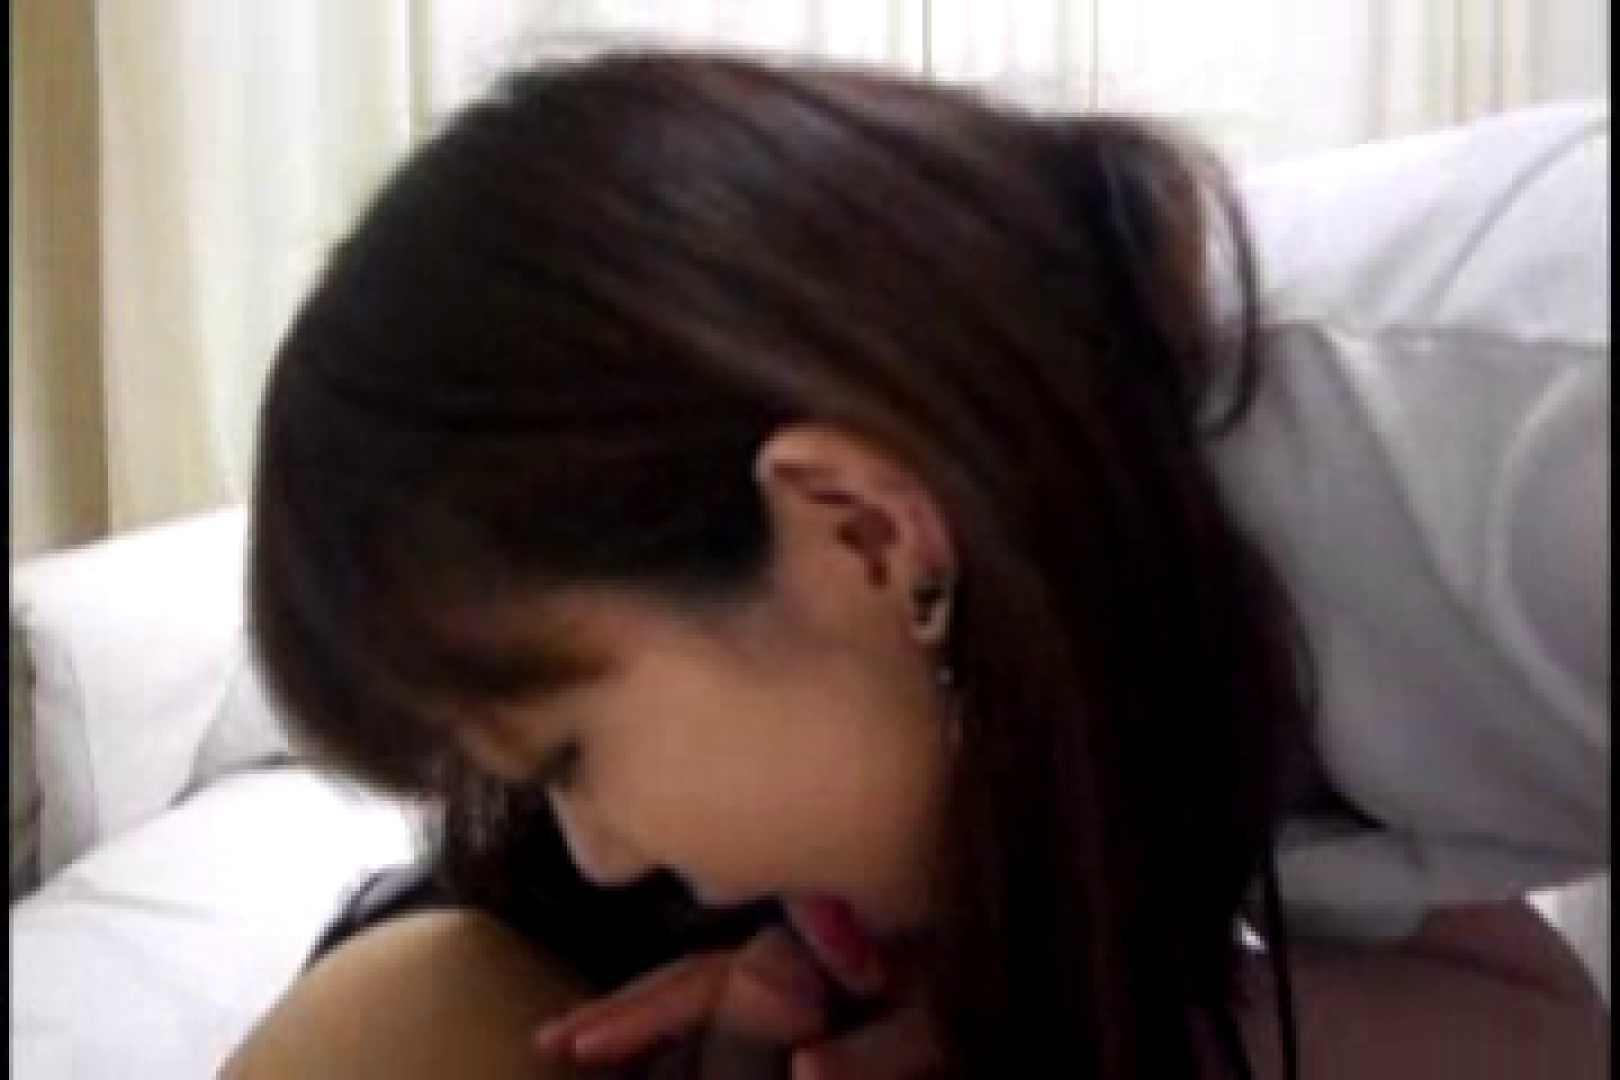 ヤリマンと呼ばれた看護士さんvol1 OL裸体 | シックスナイン  61画像 45